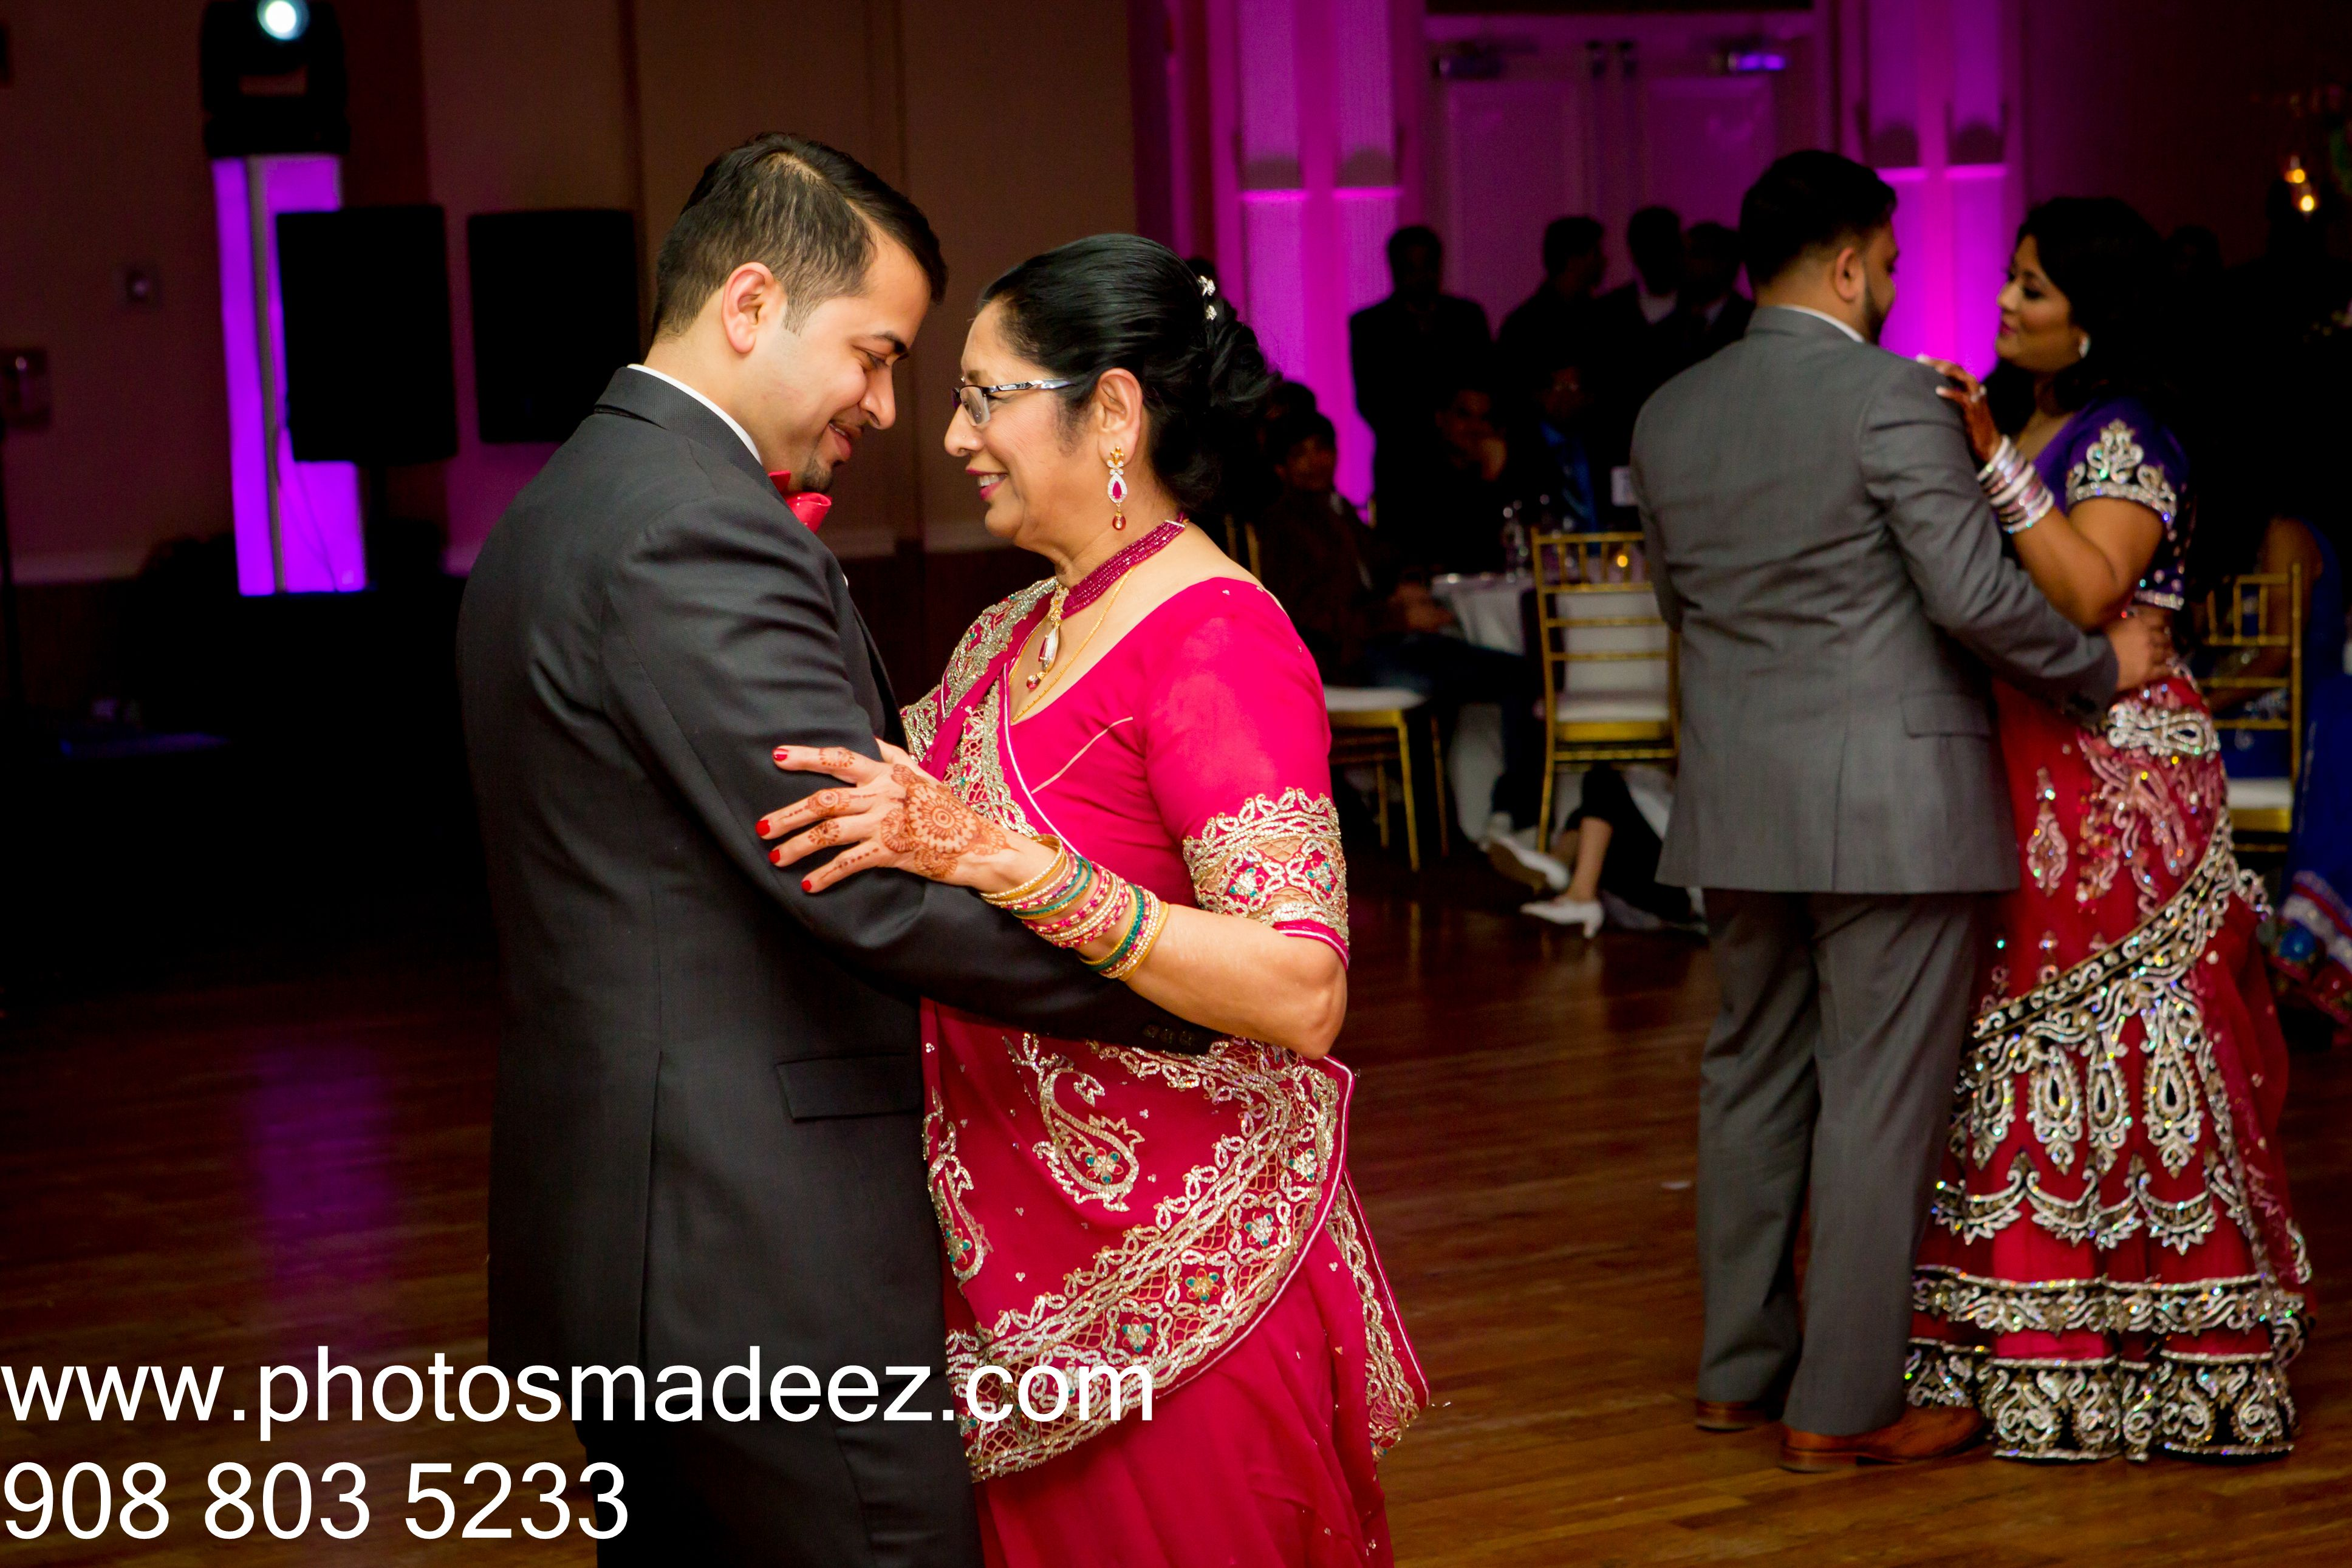 Mother Son Dance At Mahwah Sheraton